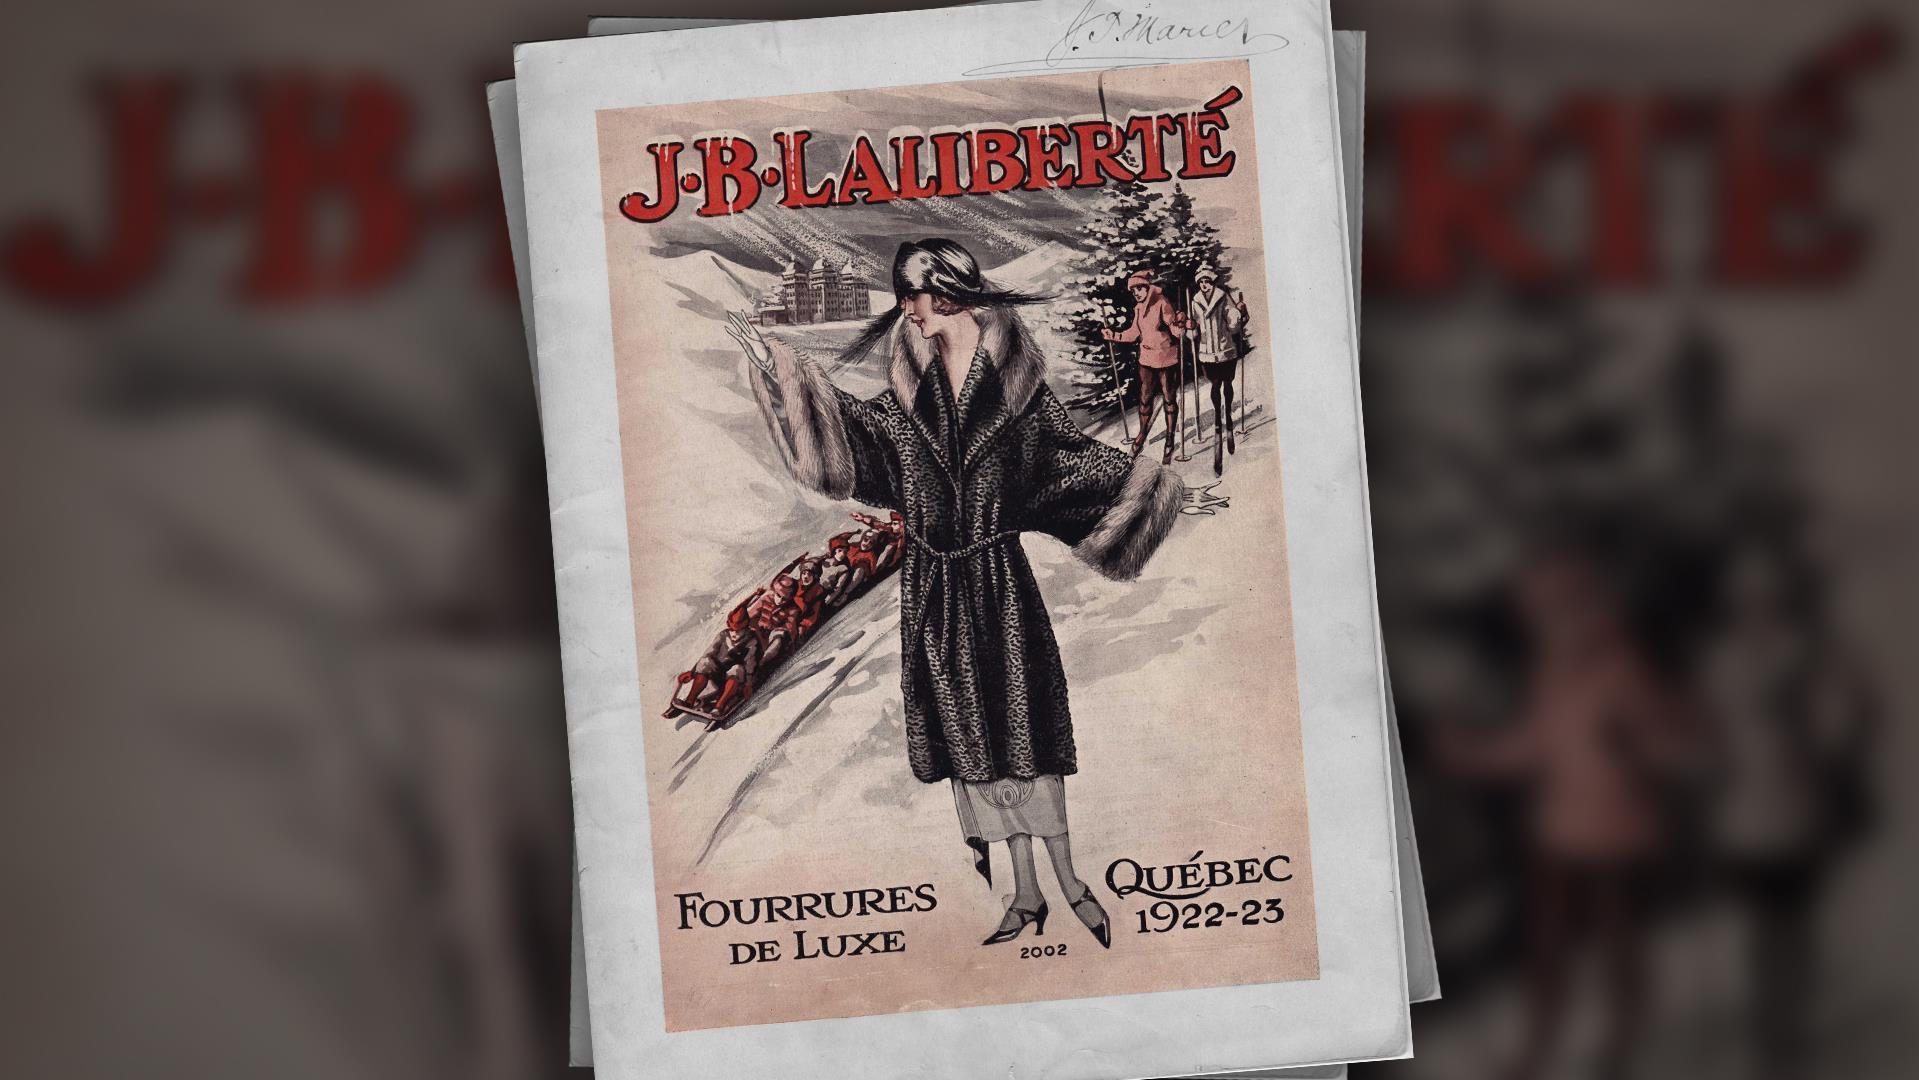 Une couverture de catalogues que Jean-Baptiste Laliberté publiait annuellement et qui était envoyé un peu partout au Canada.